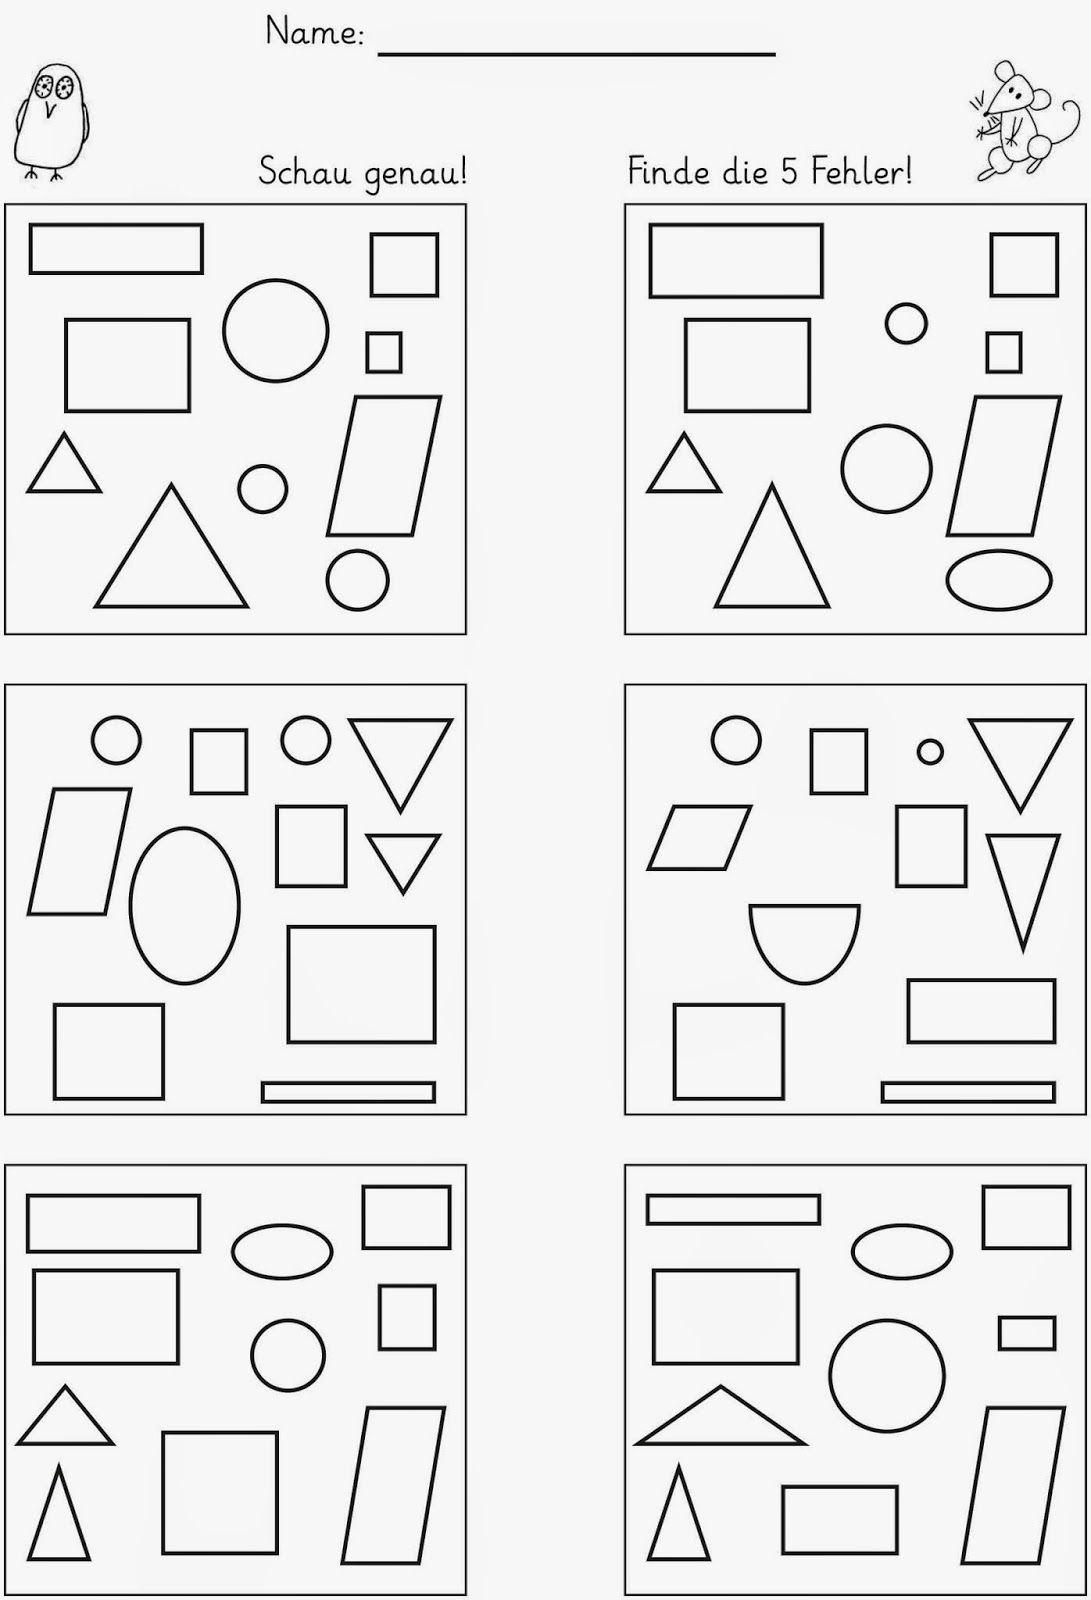 Unterschiede Finden (Mit Bildern)   Lernen, Arbeitsblätter verwandt mit Unterschiede Finden Kostenlos